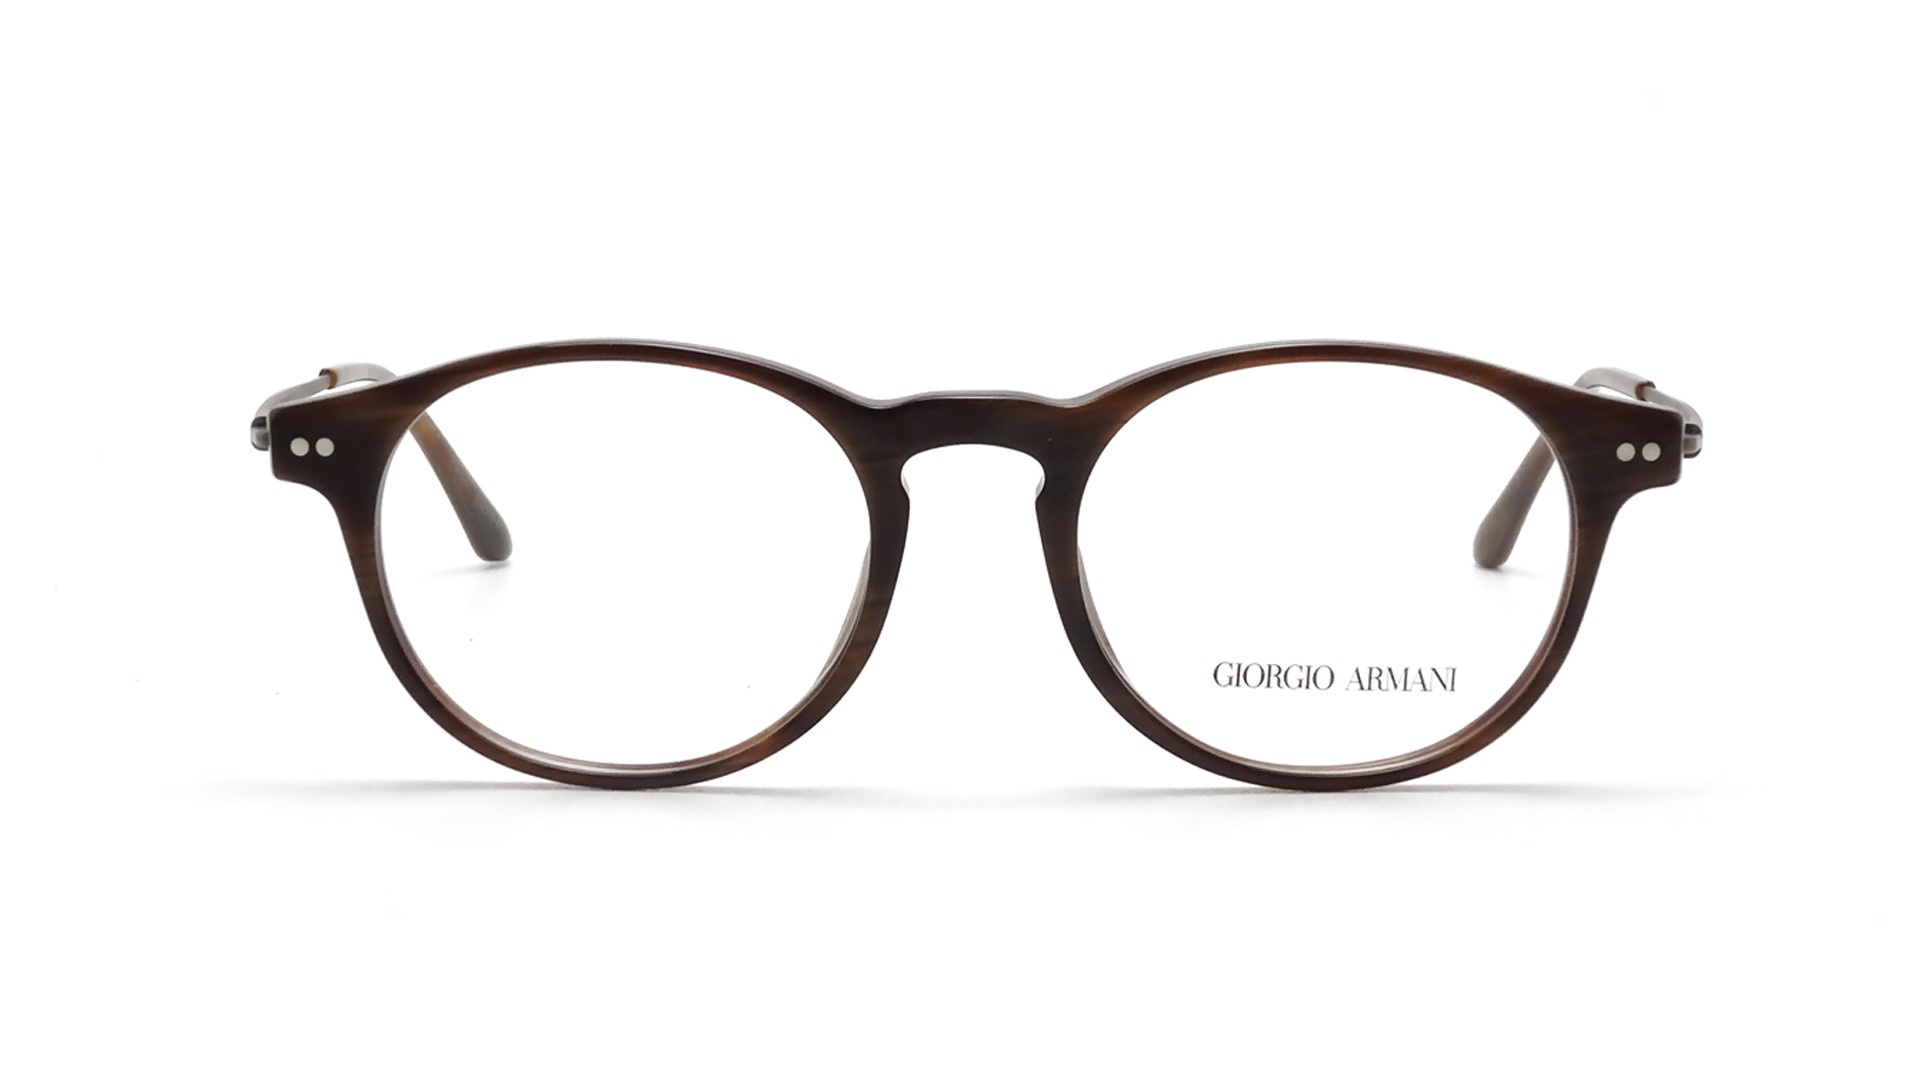 Giorgio Armani Glasses Frames Of Life : Giorgio Armani Frames of Life Brown AR7010 5023 49-18 ...